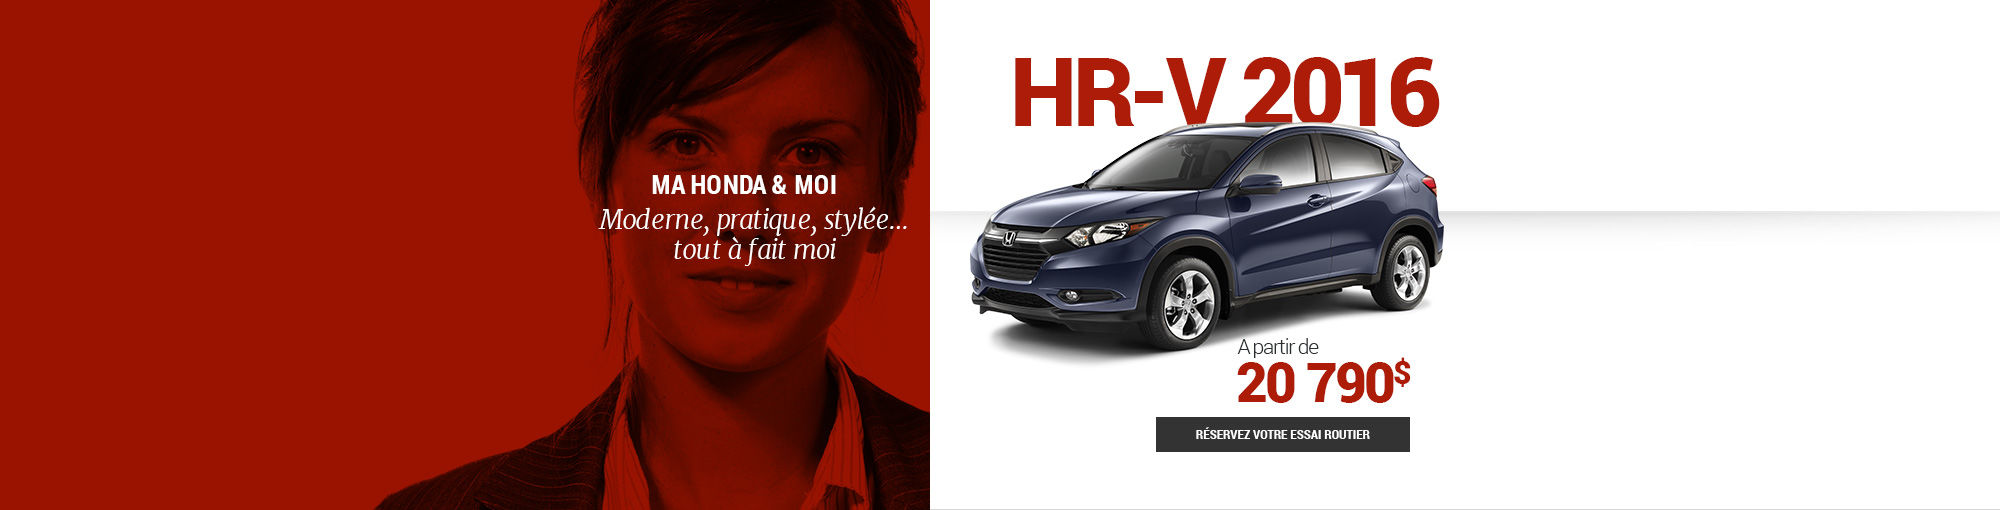 HR-V 2016 - DÉBUT MOIS